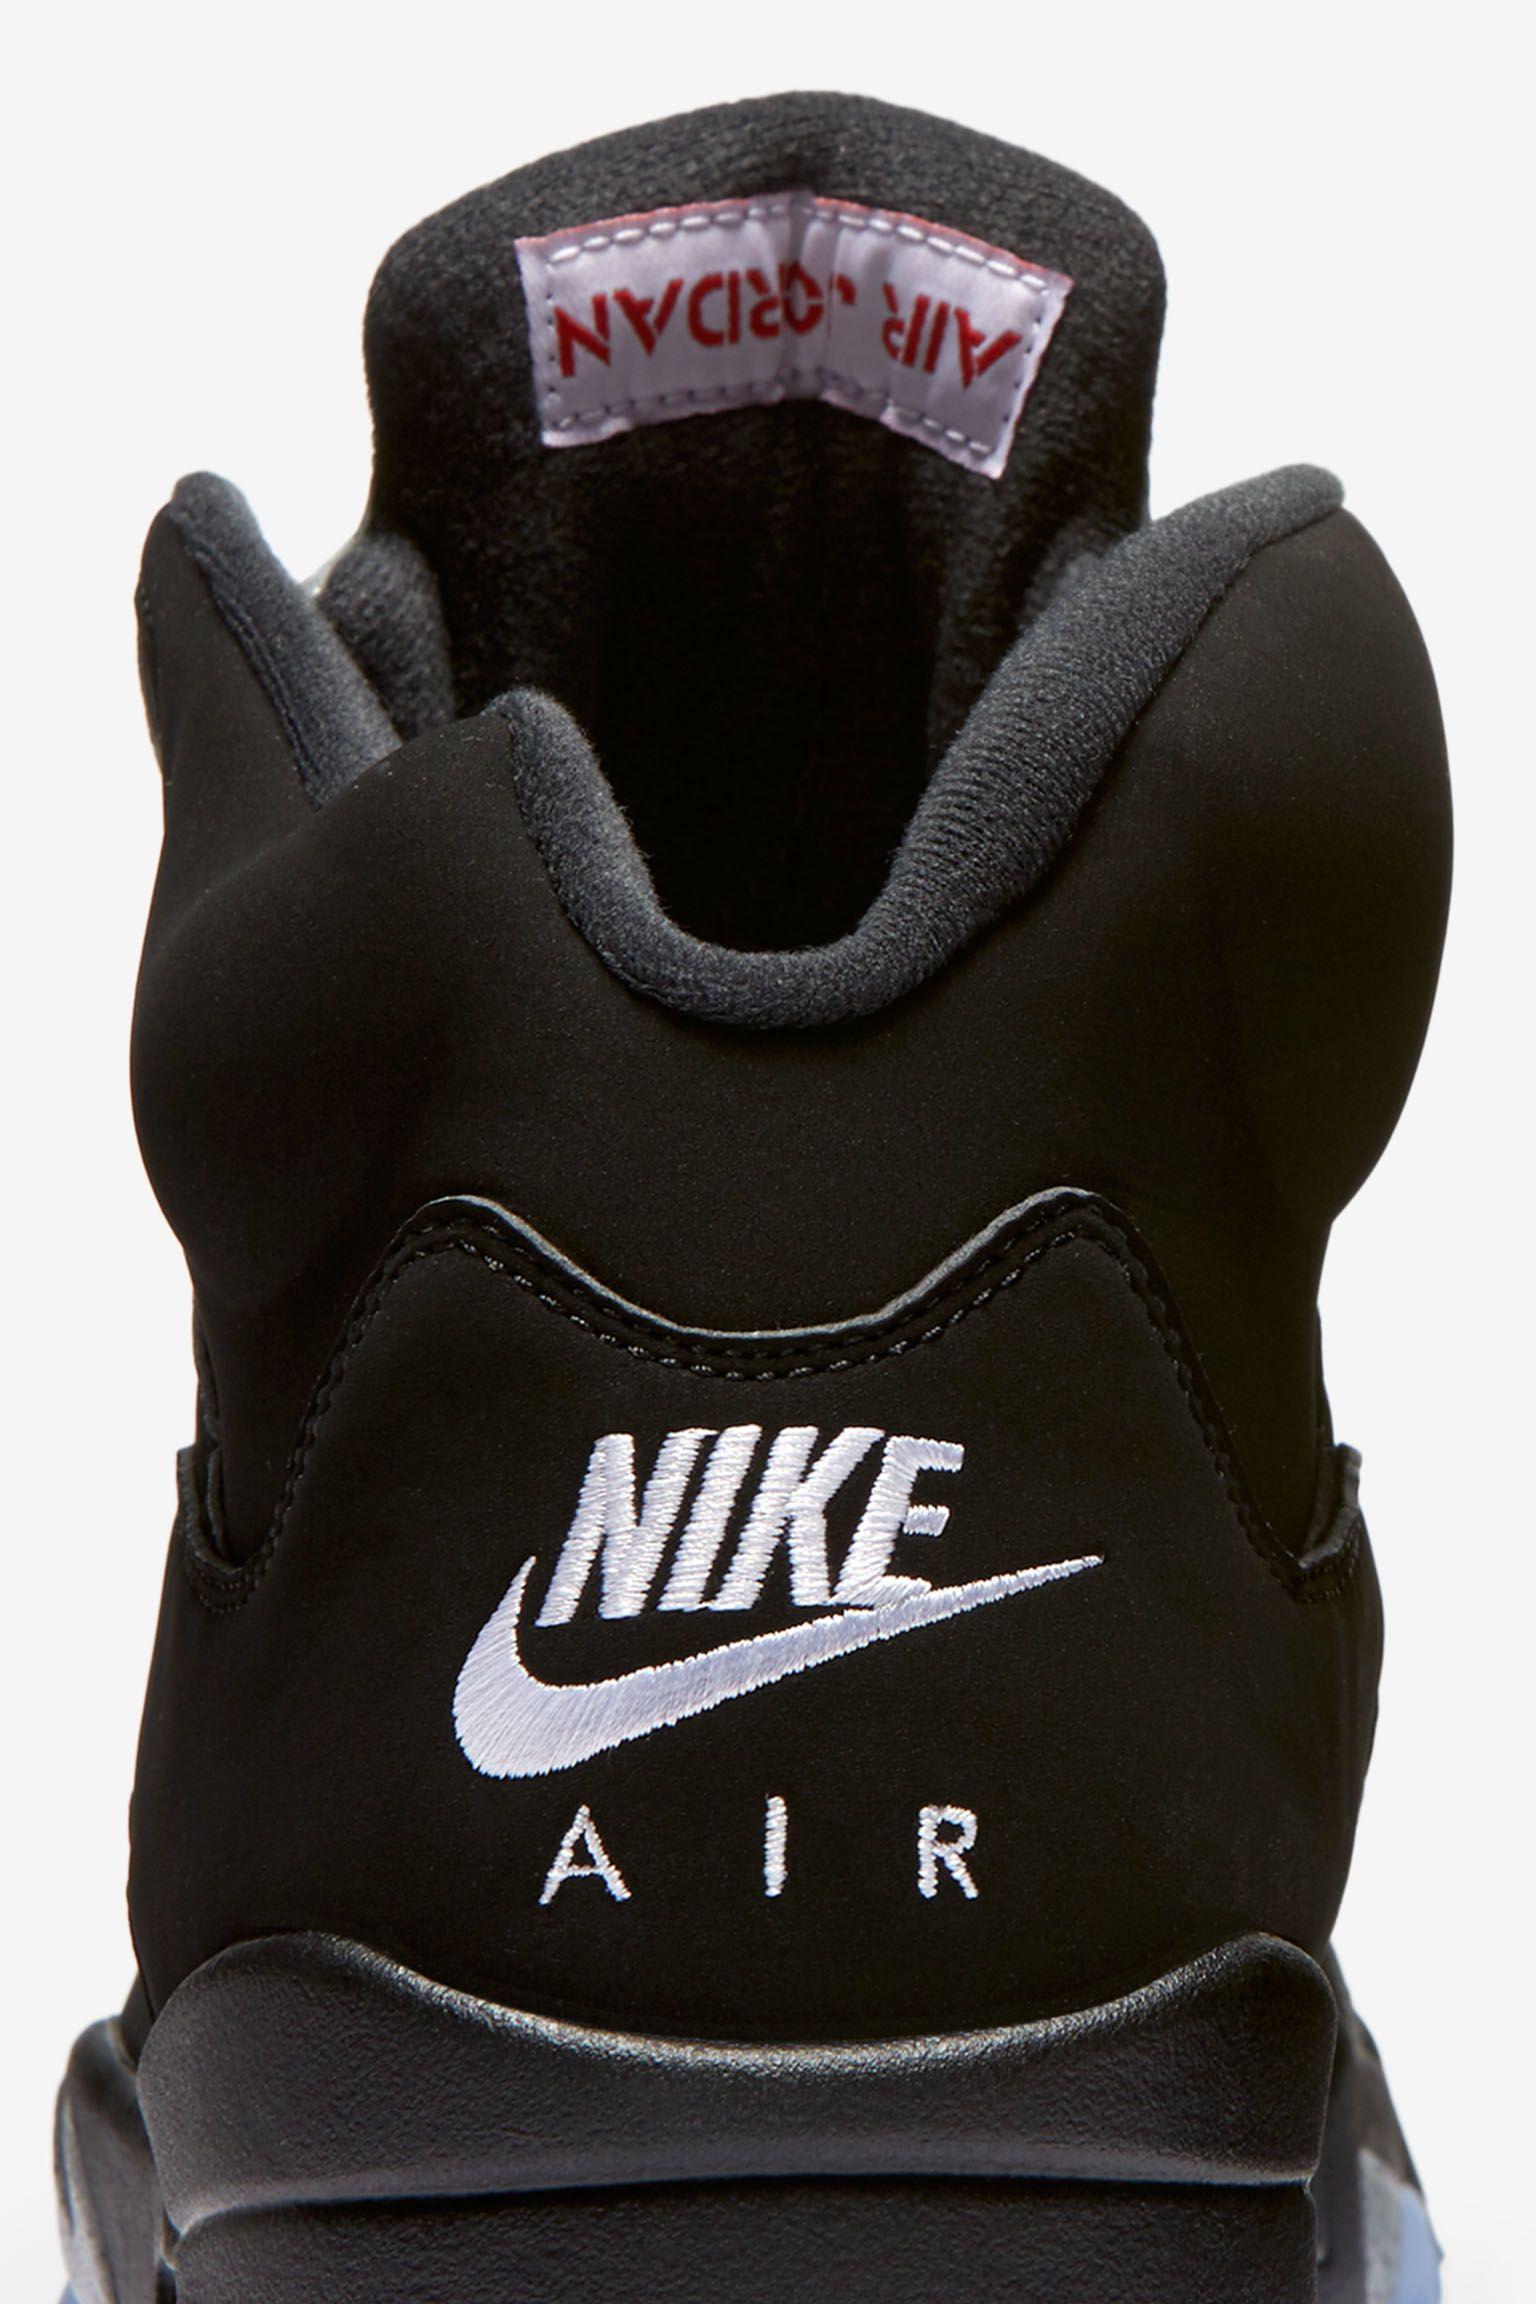 Air Jordan 5 'Metallic Silver' Release Date